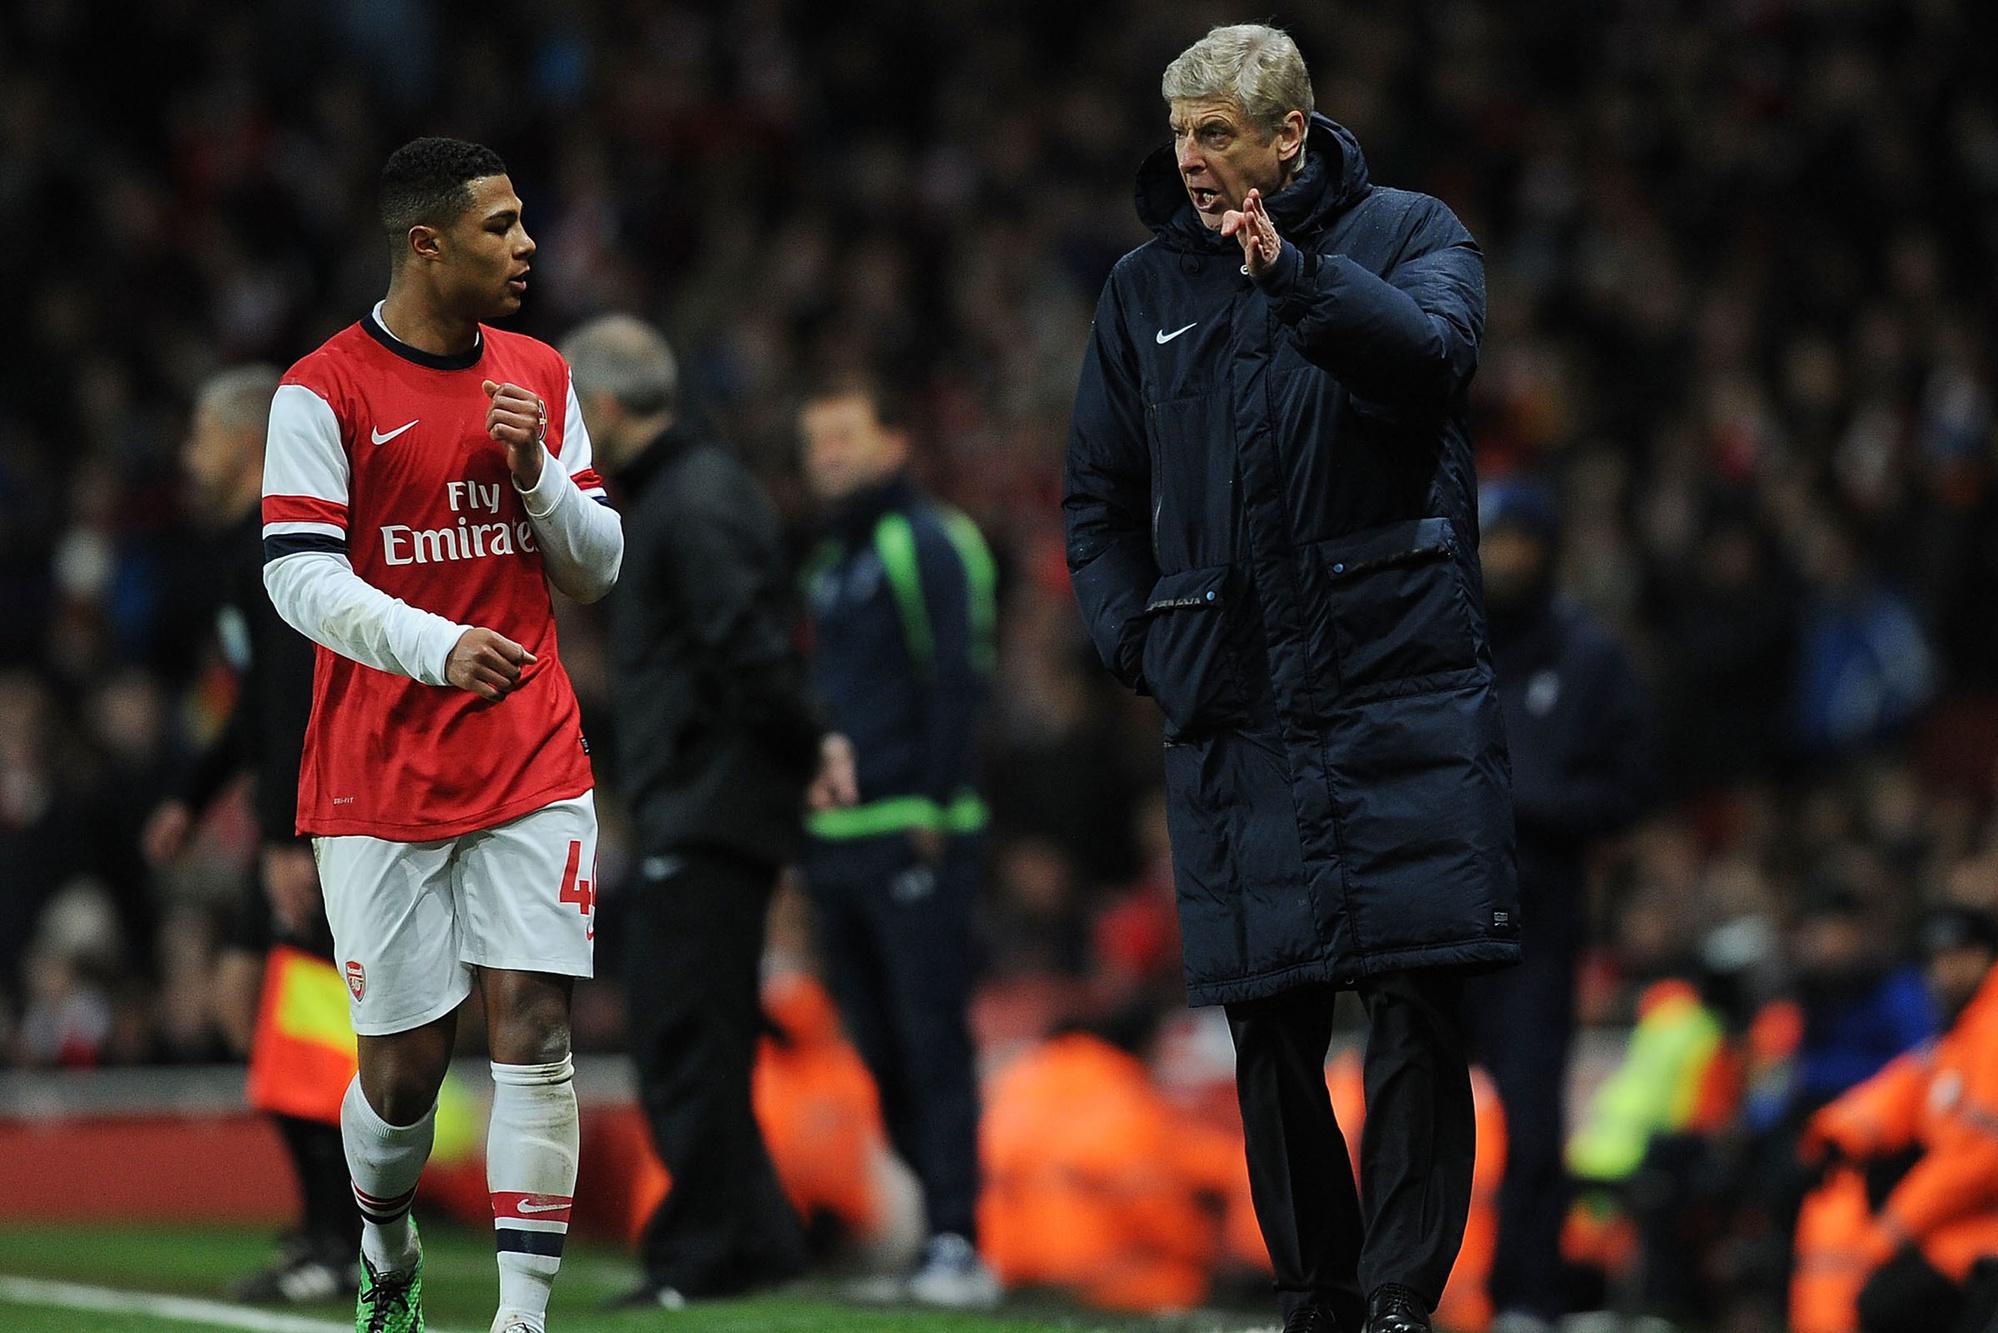 Arsène Wenger heeft een boon voor Gnabry en hij geeft hem sporadisch minuten., GETTY